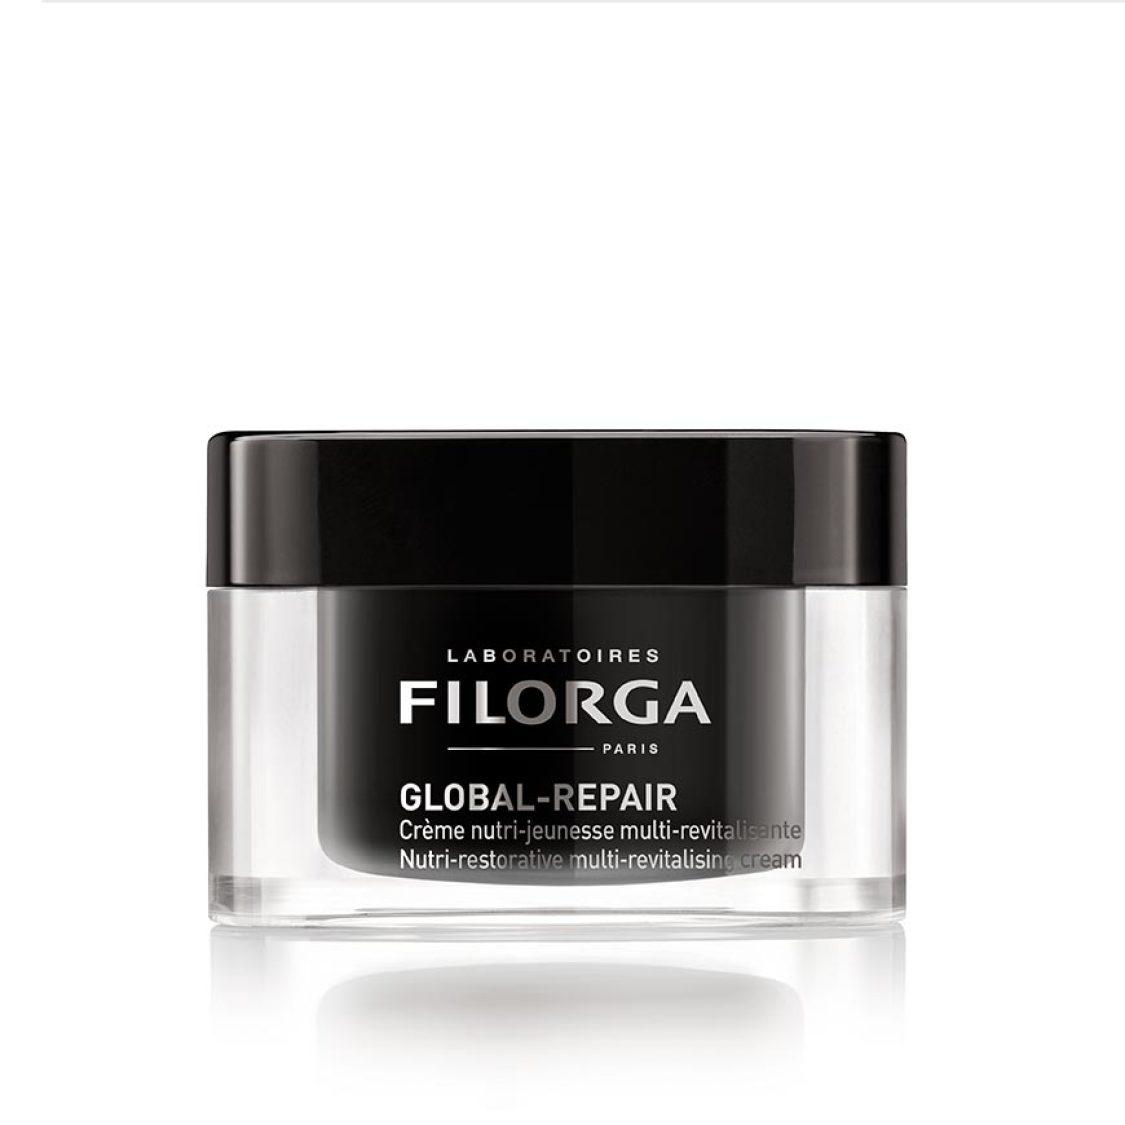 Filorga - Global Repair Cream 50ml